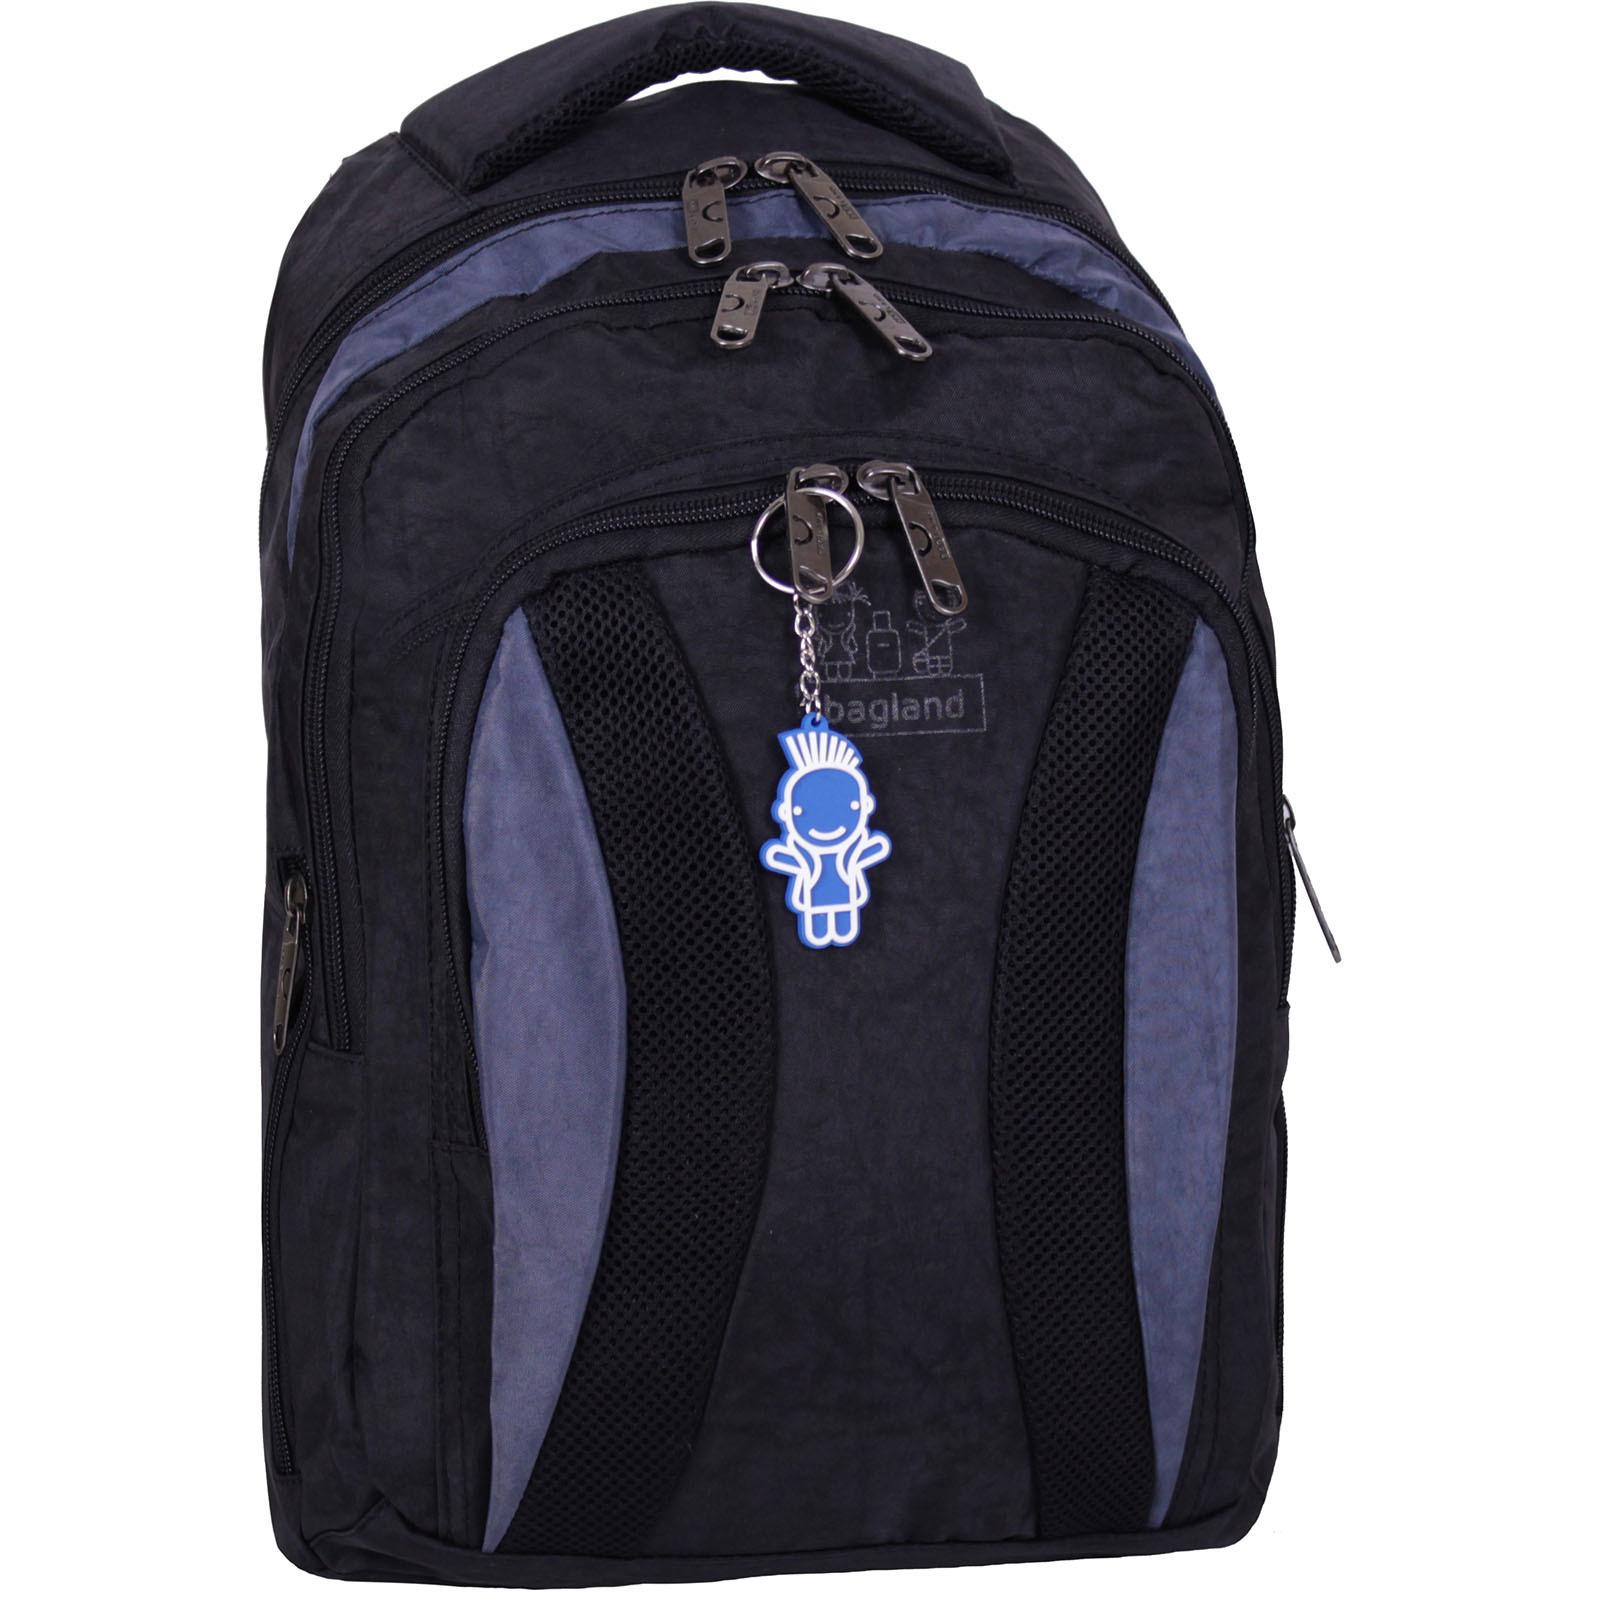 Городские рюкзаки Рюкзак Bagland Драйв 29 л. Чёрный / серый (0018970) IMG_2166.JPG